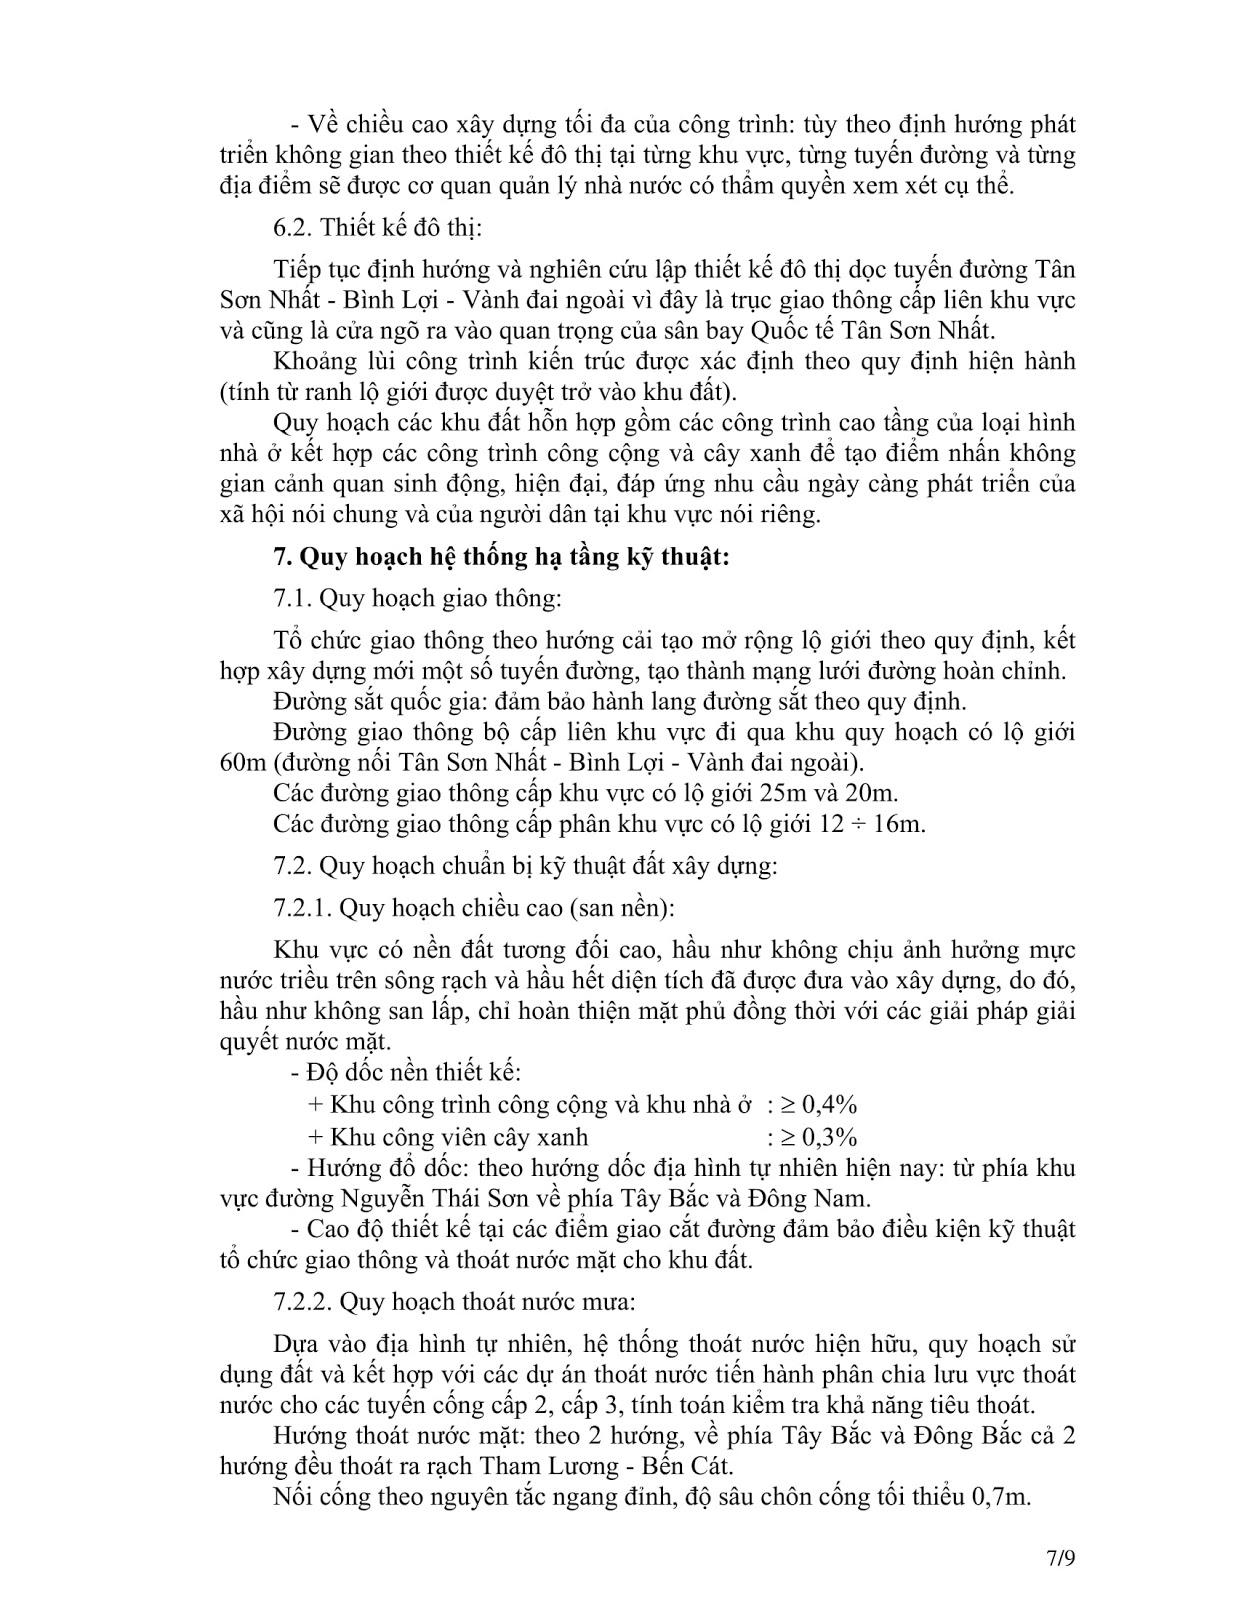 Quyết Định Số 2921/QĐ-UBND Quy Hoạch Khu Dân Cư Phường 4 Quận Gò Vấp Tờ 7